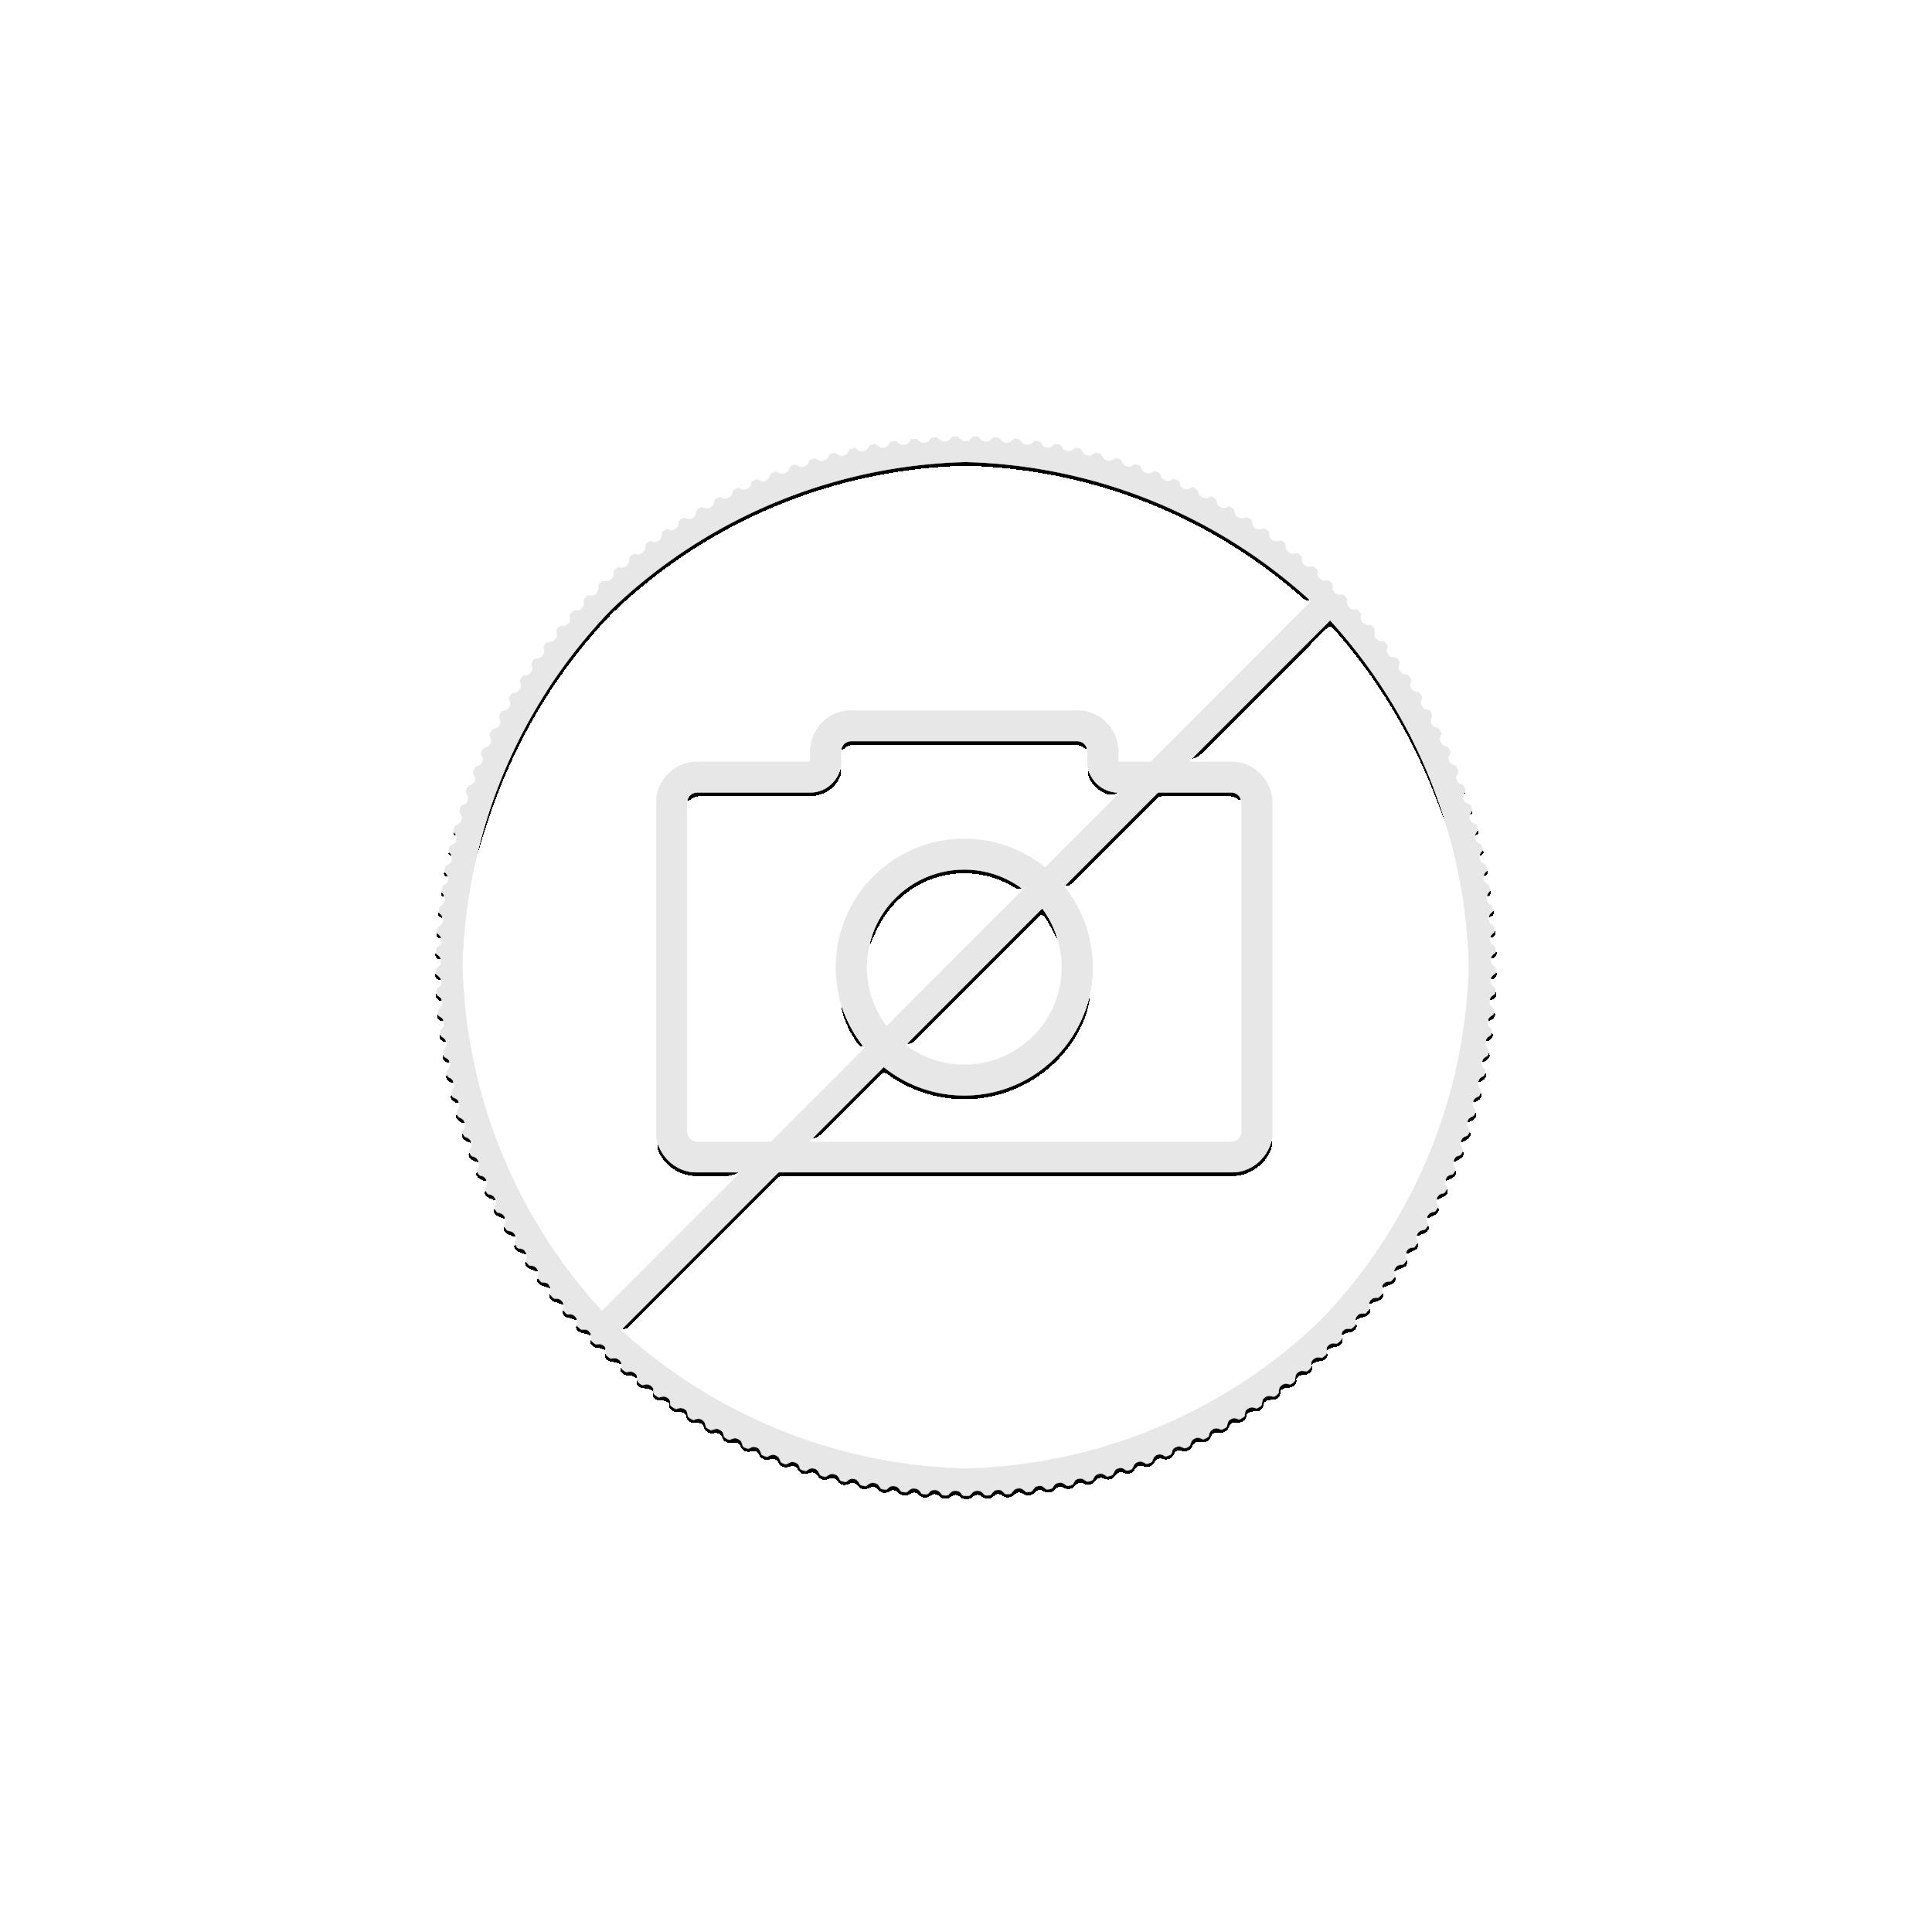 10 troy ounce zilveren Lunar munt 2018 - het jaar van de hond Queen Elizabeth